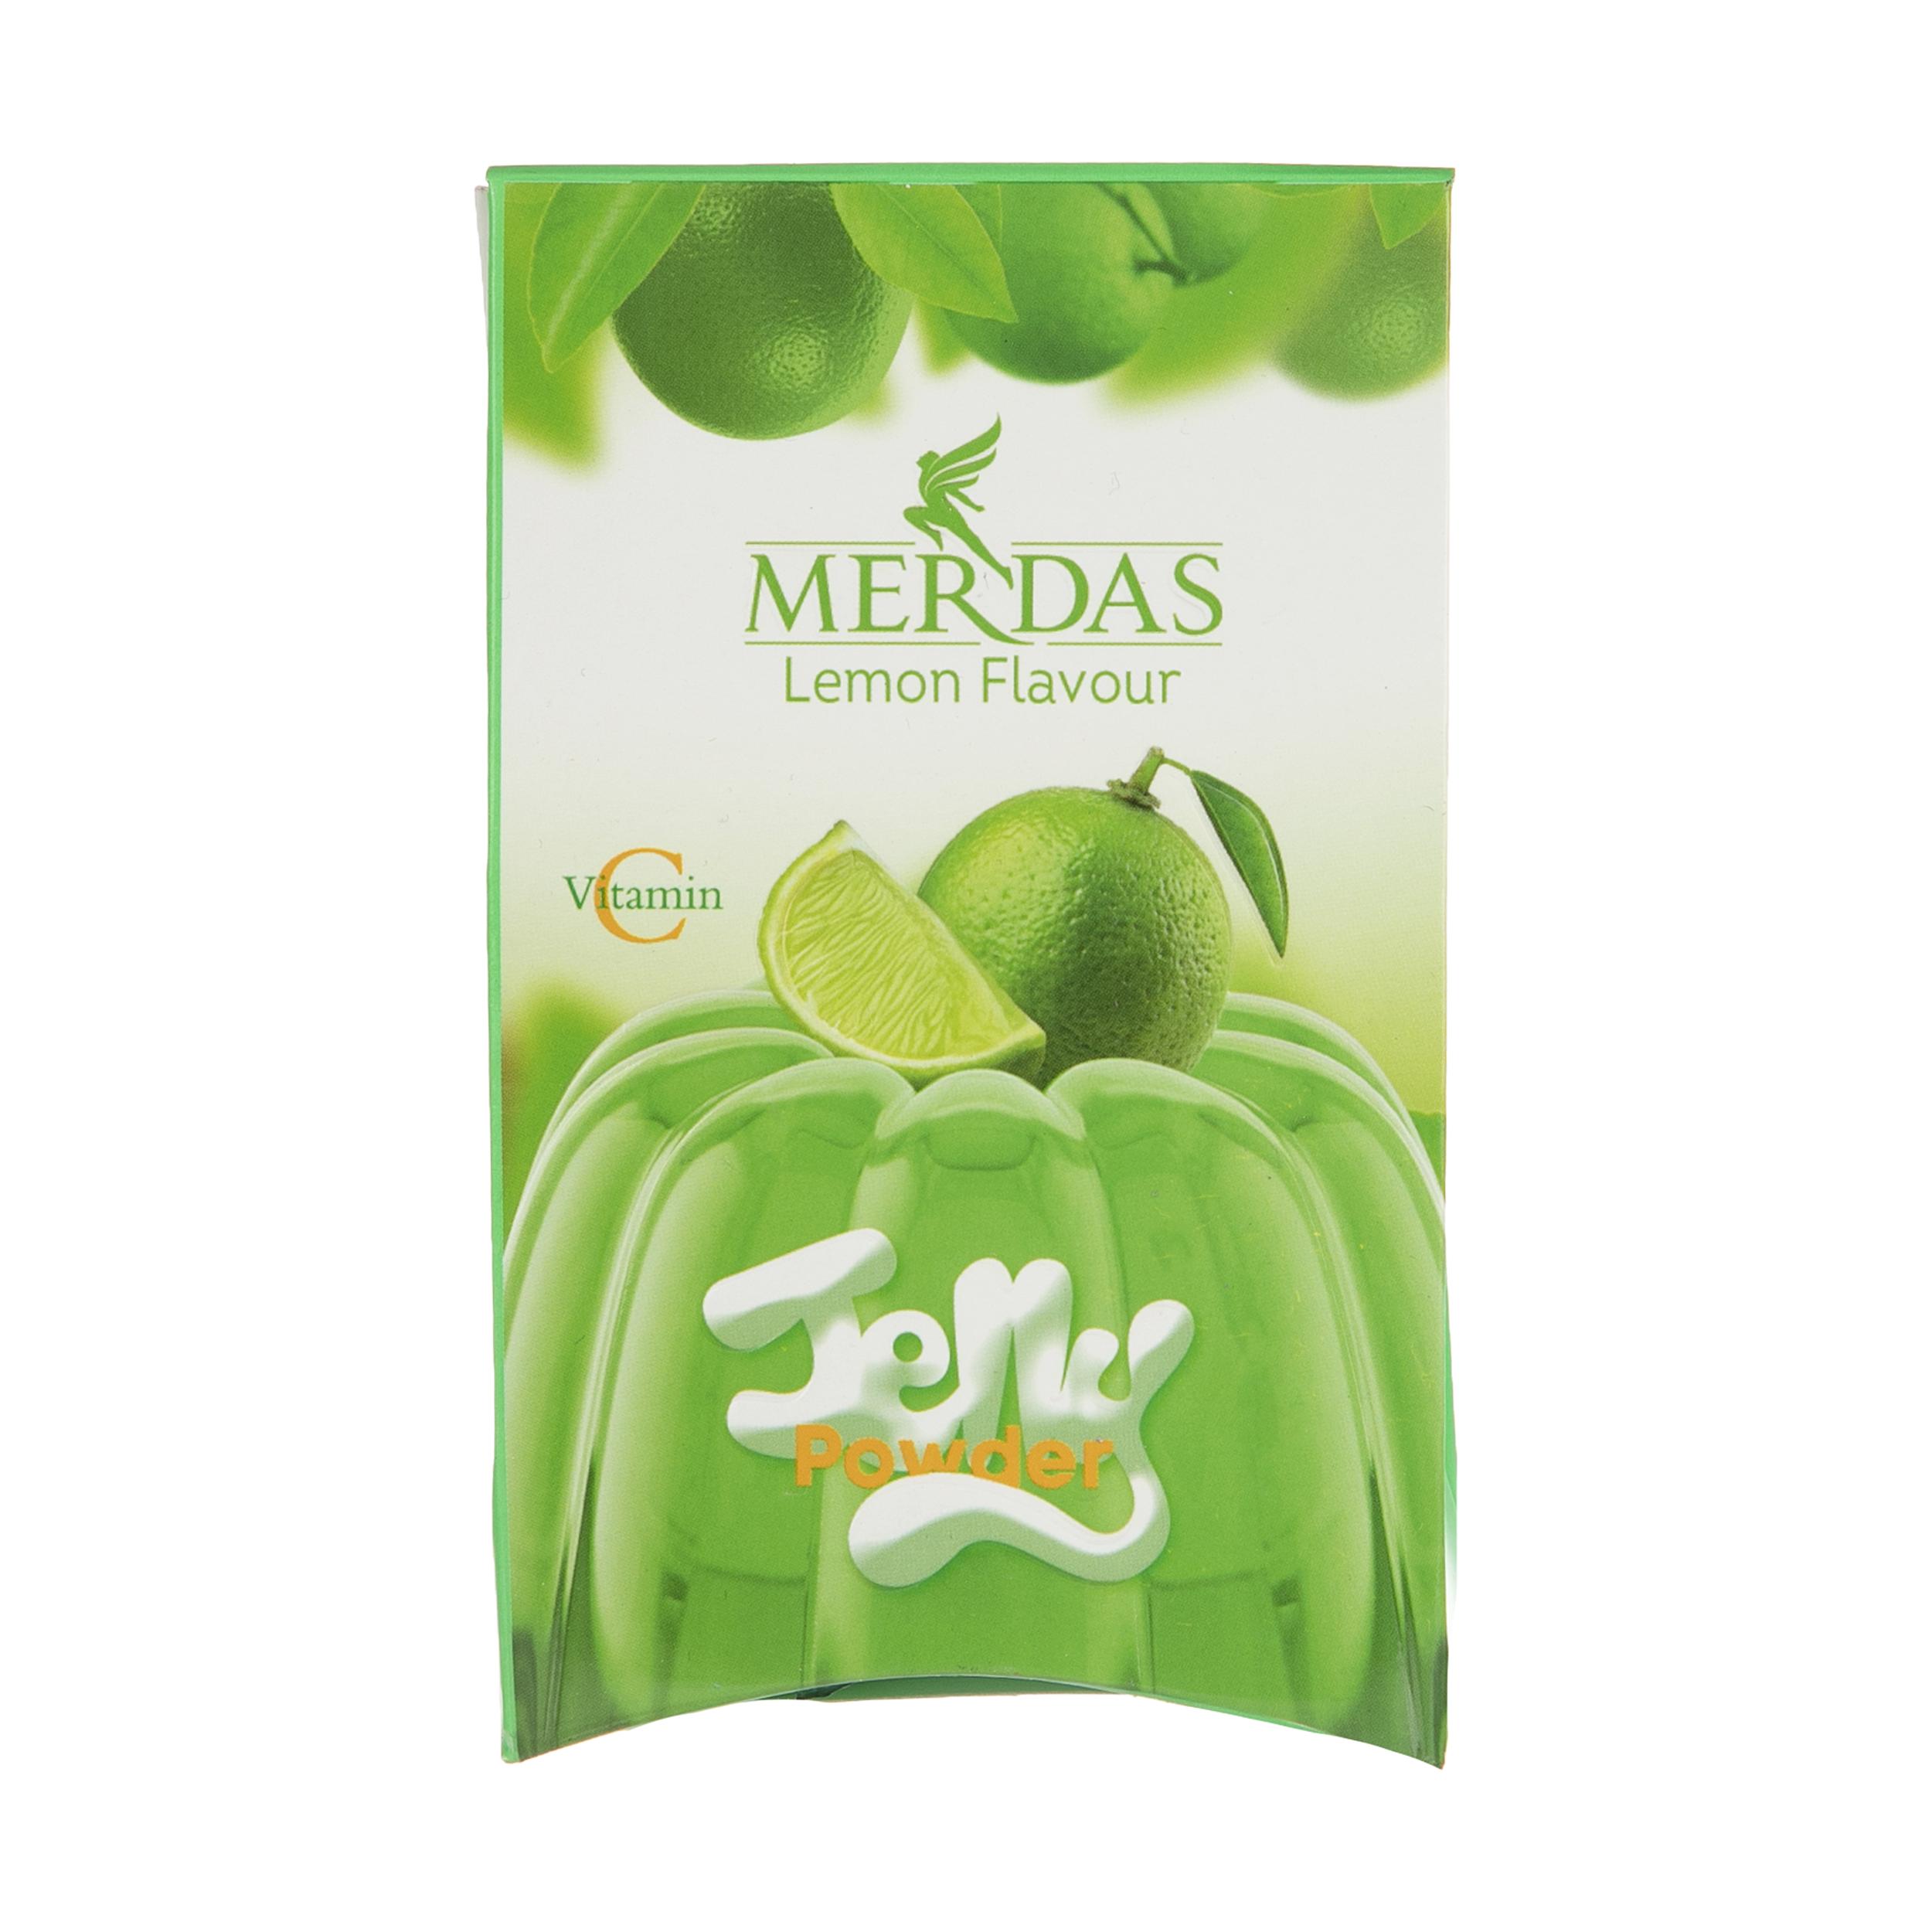 پودر ژله مرداس با طعم لیمو - 100 گرم